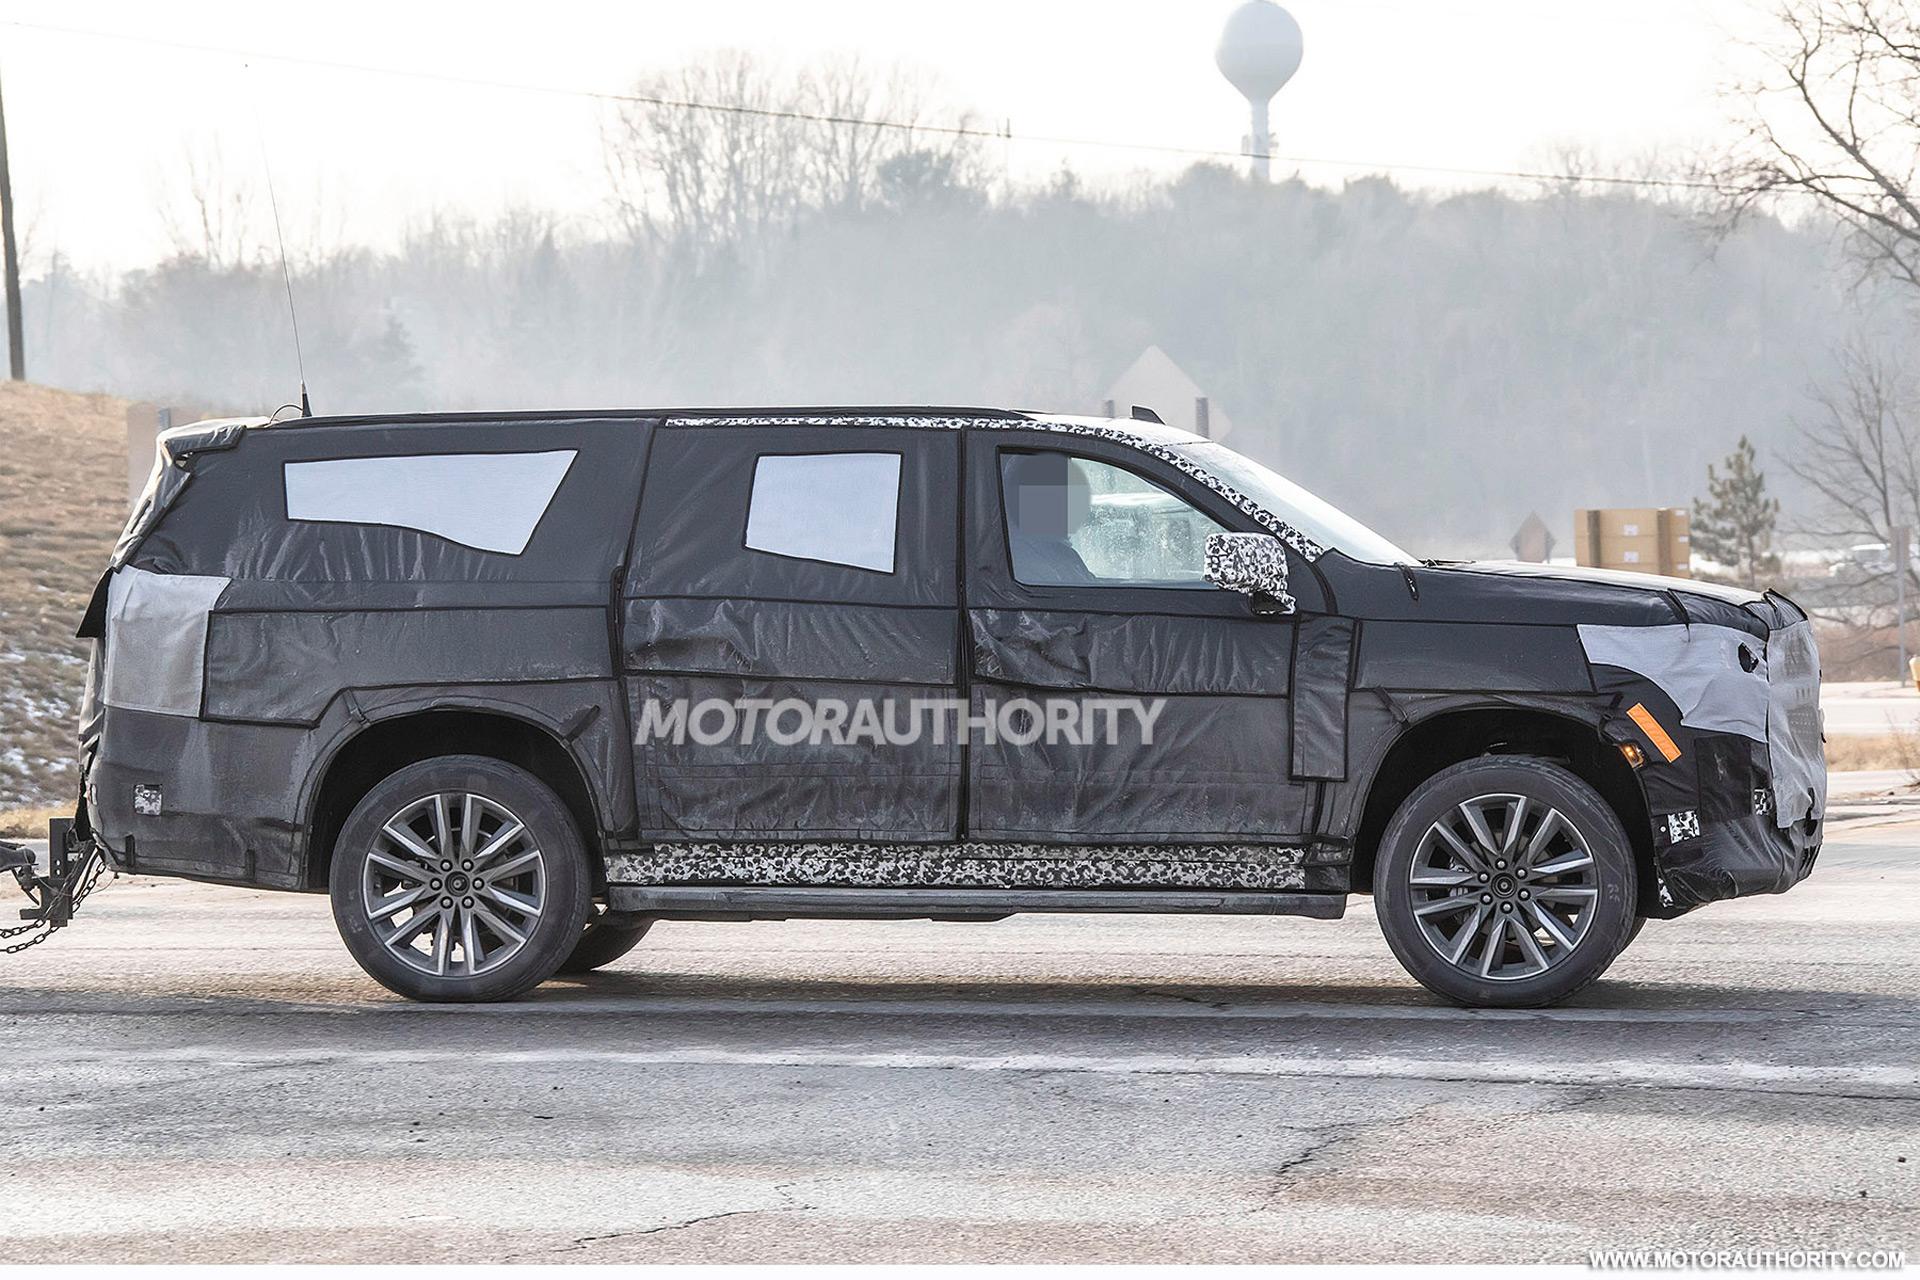 202 - [Cadillac] Escalade V 2020-cadillac-escalade-esv-spy-shots--image-via-s-baldauf-sb-medien_100684217_h